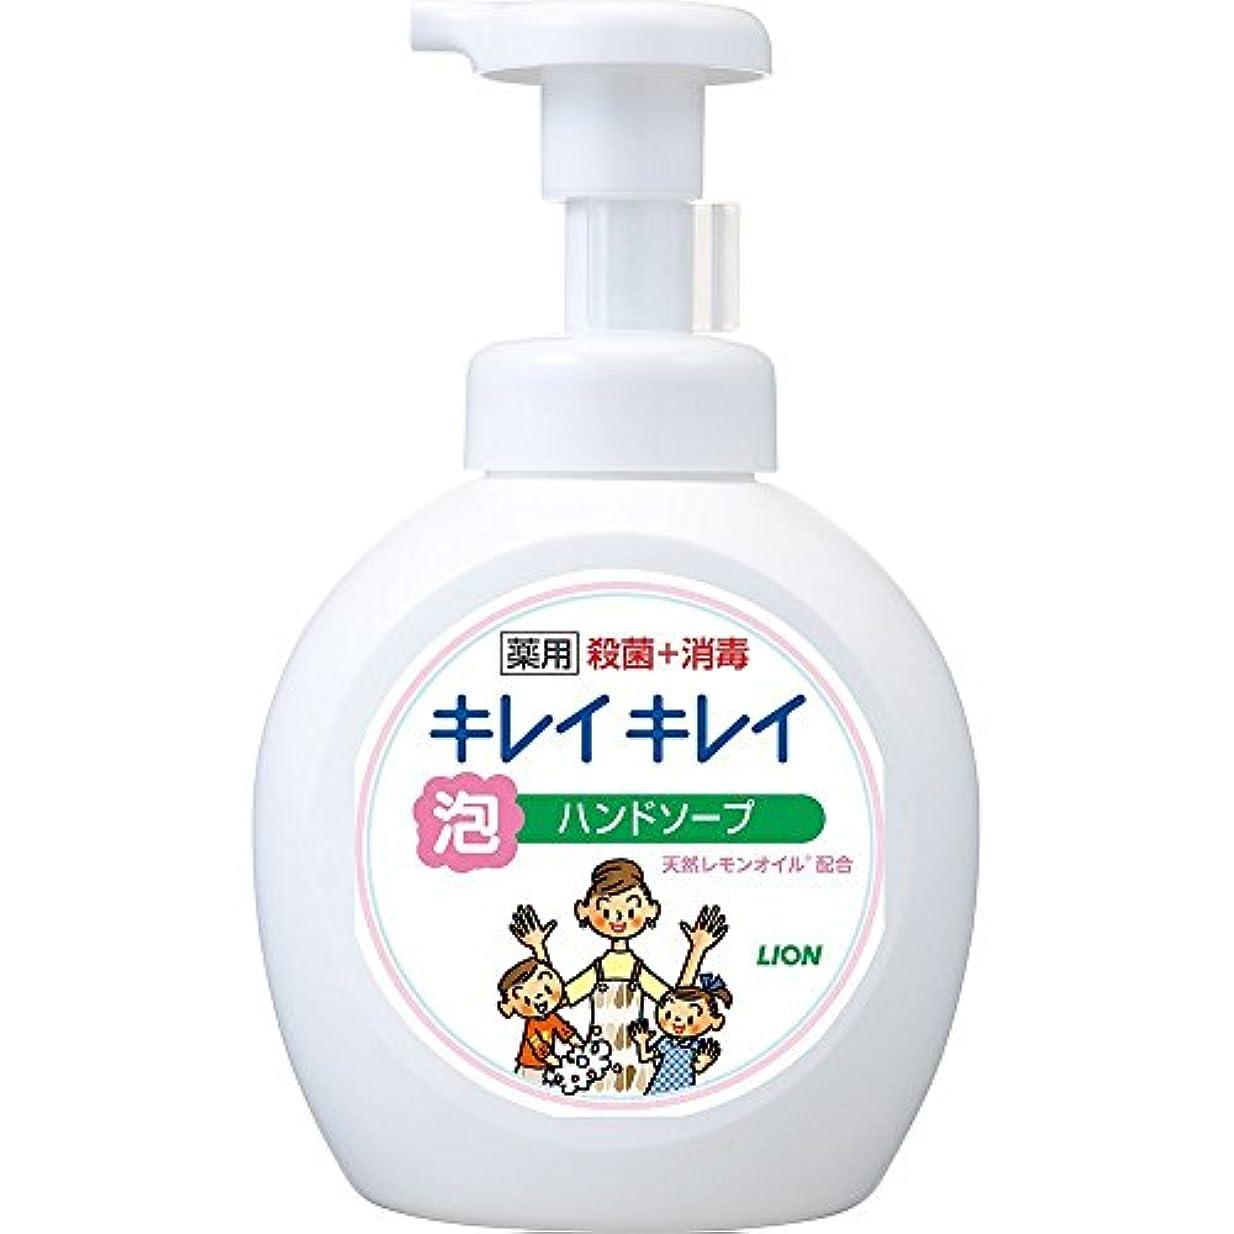 電池近く優れましたキレイキレイ 薬用 泡ハンドソープ シトラスフルーティの香り 本体ポンプ 大型サイズ 500ml(医薬部外品)